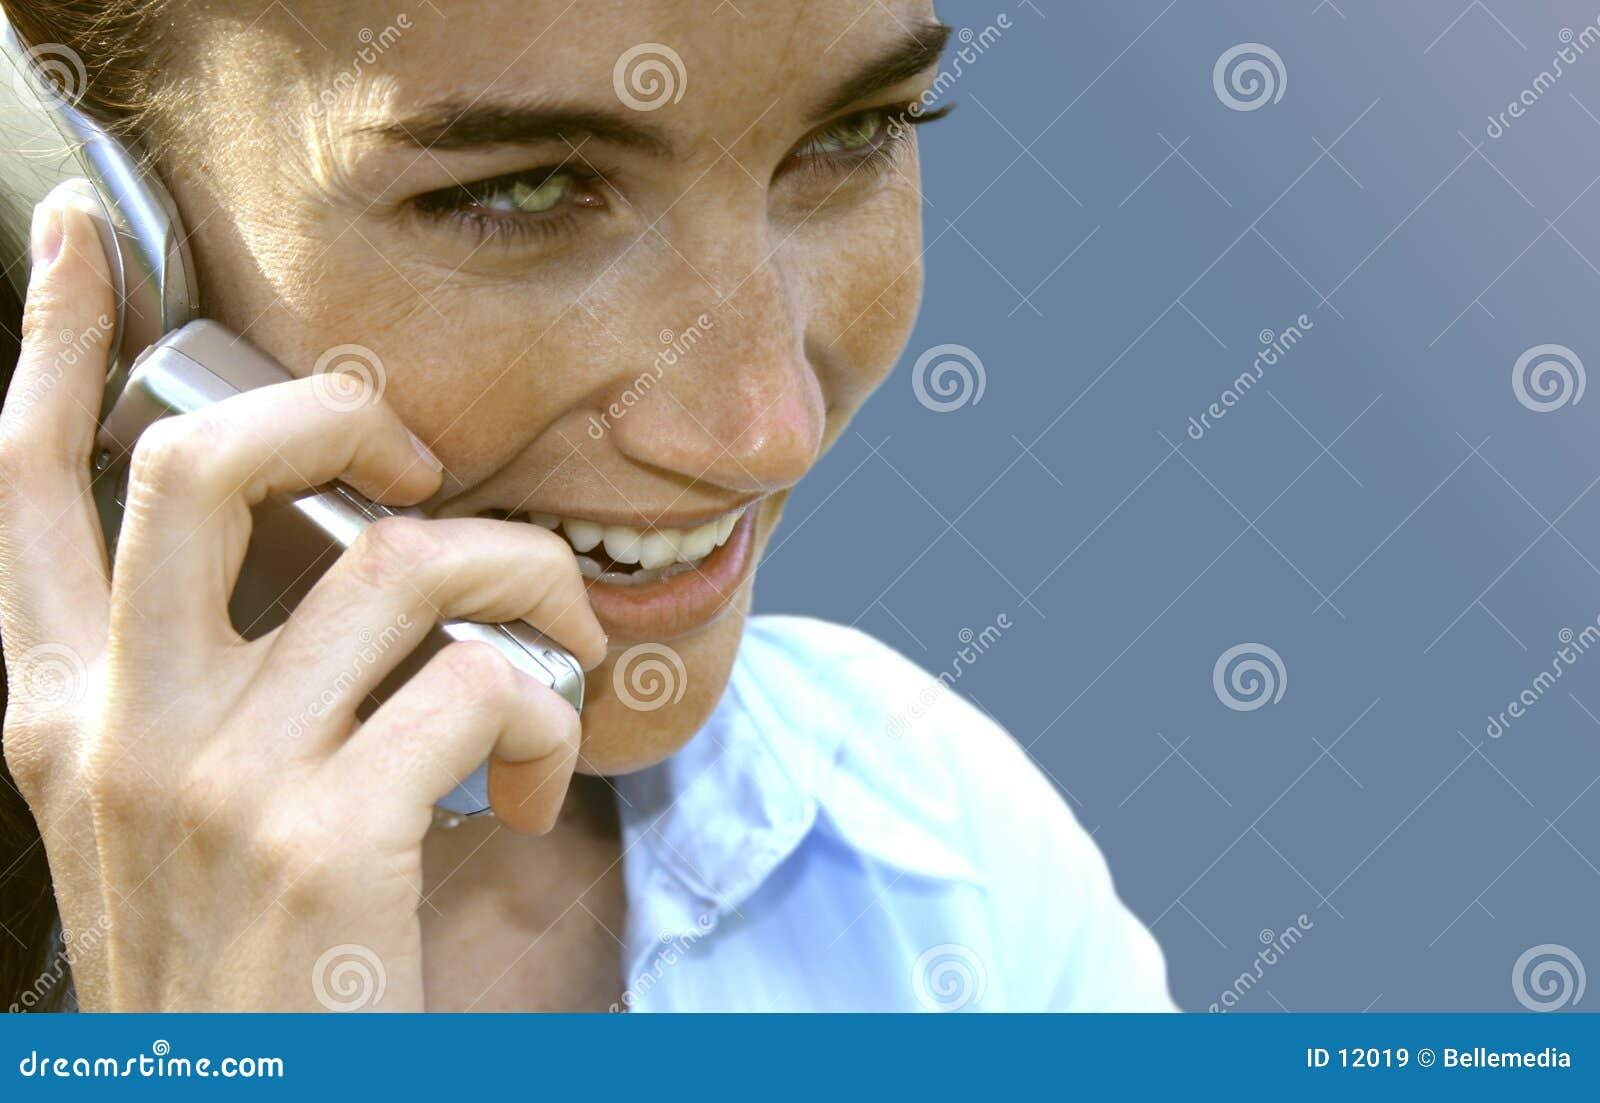 удостоверение личности звонящего по телефону